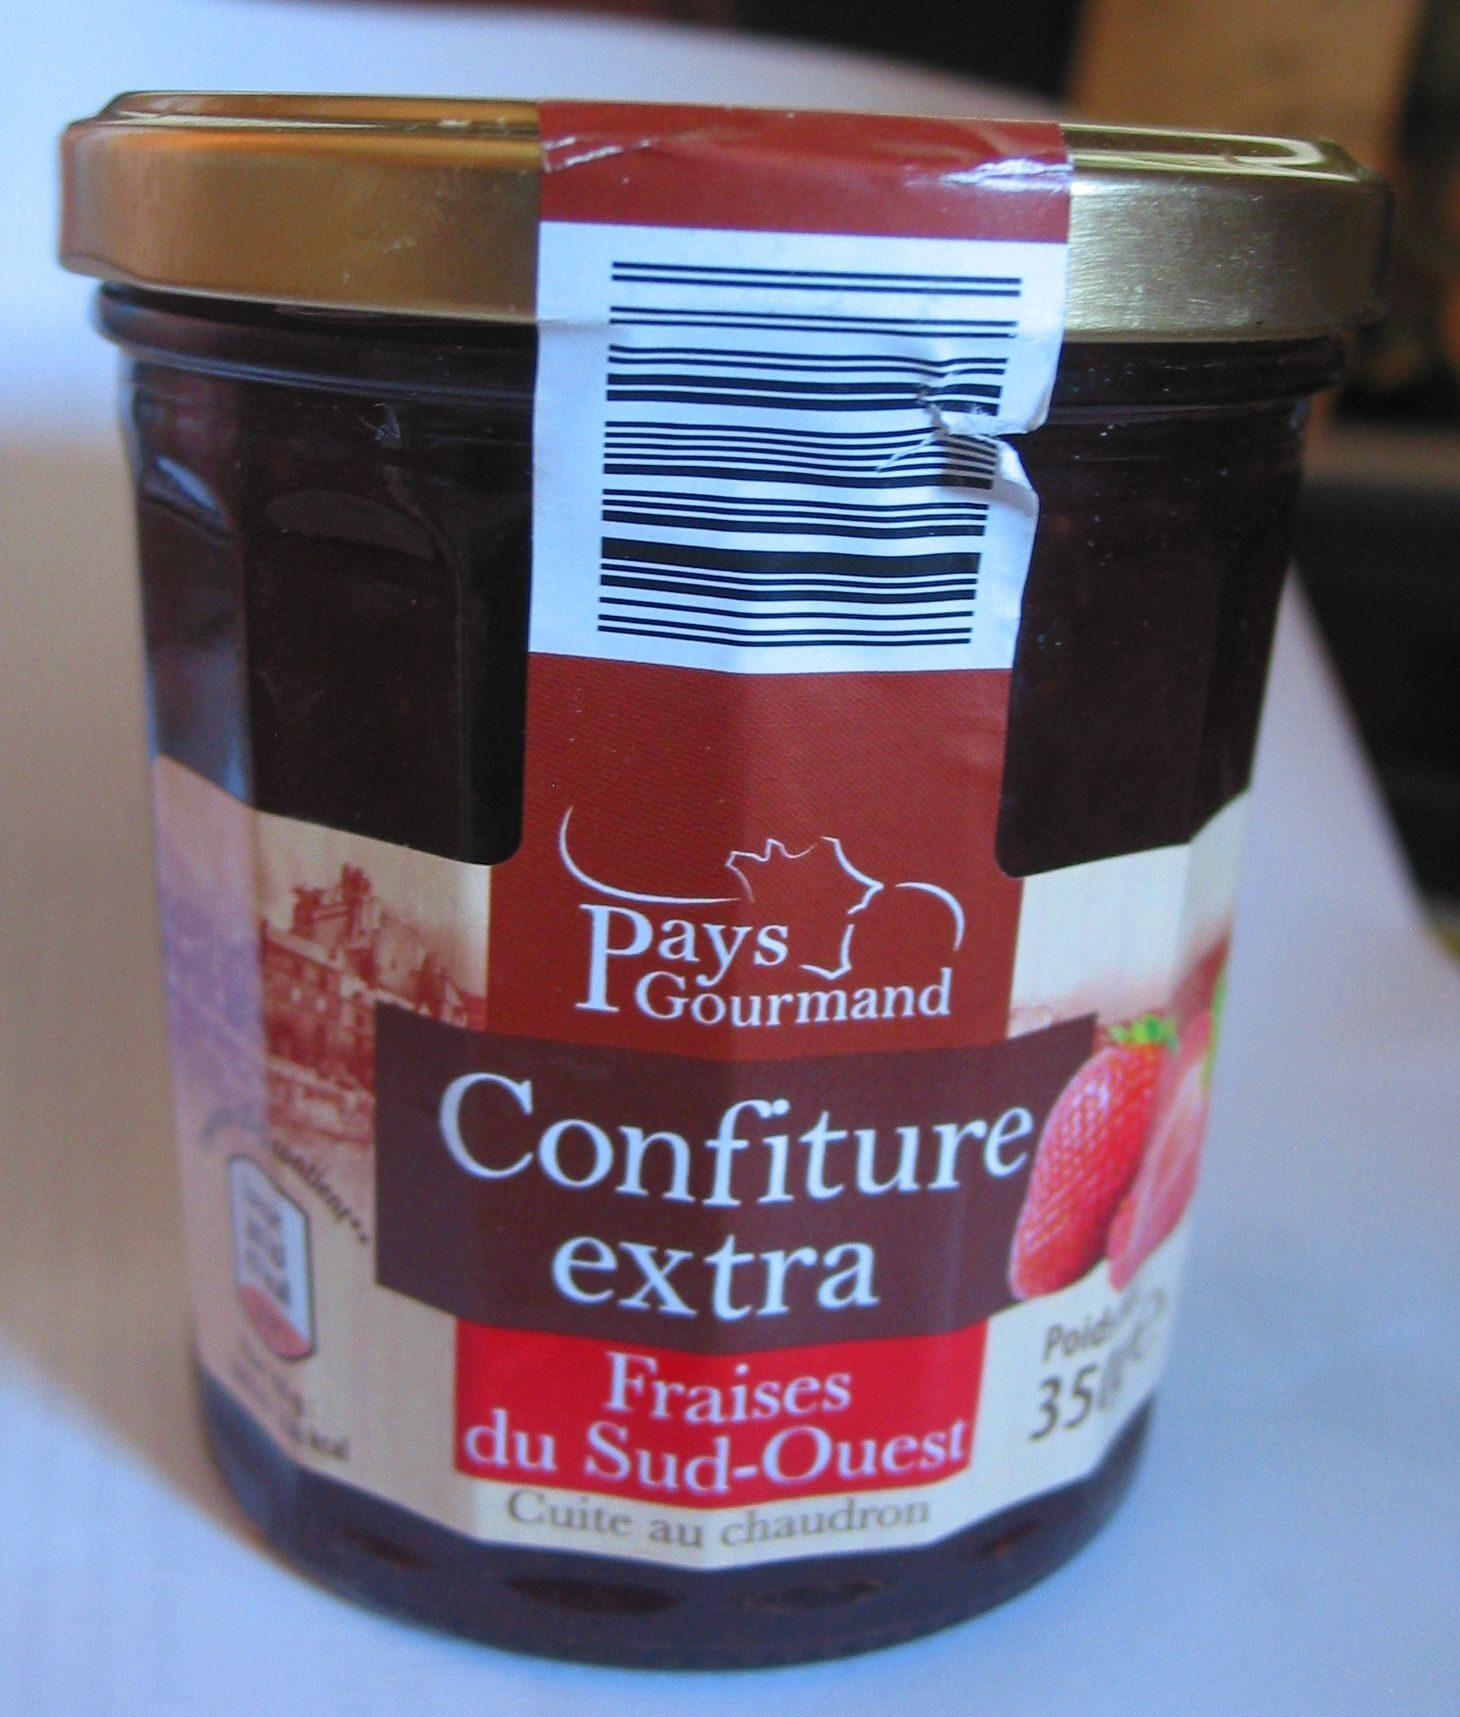 Confiture extra fraises du Sud-Ouest - Product - fr